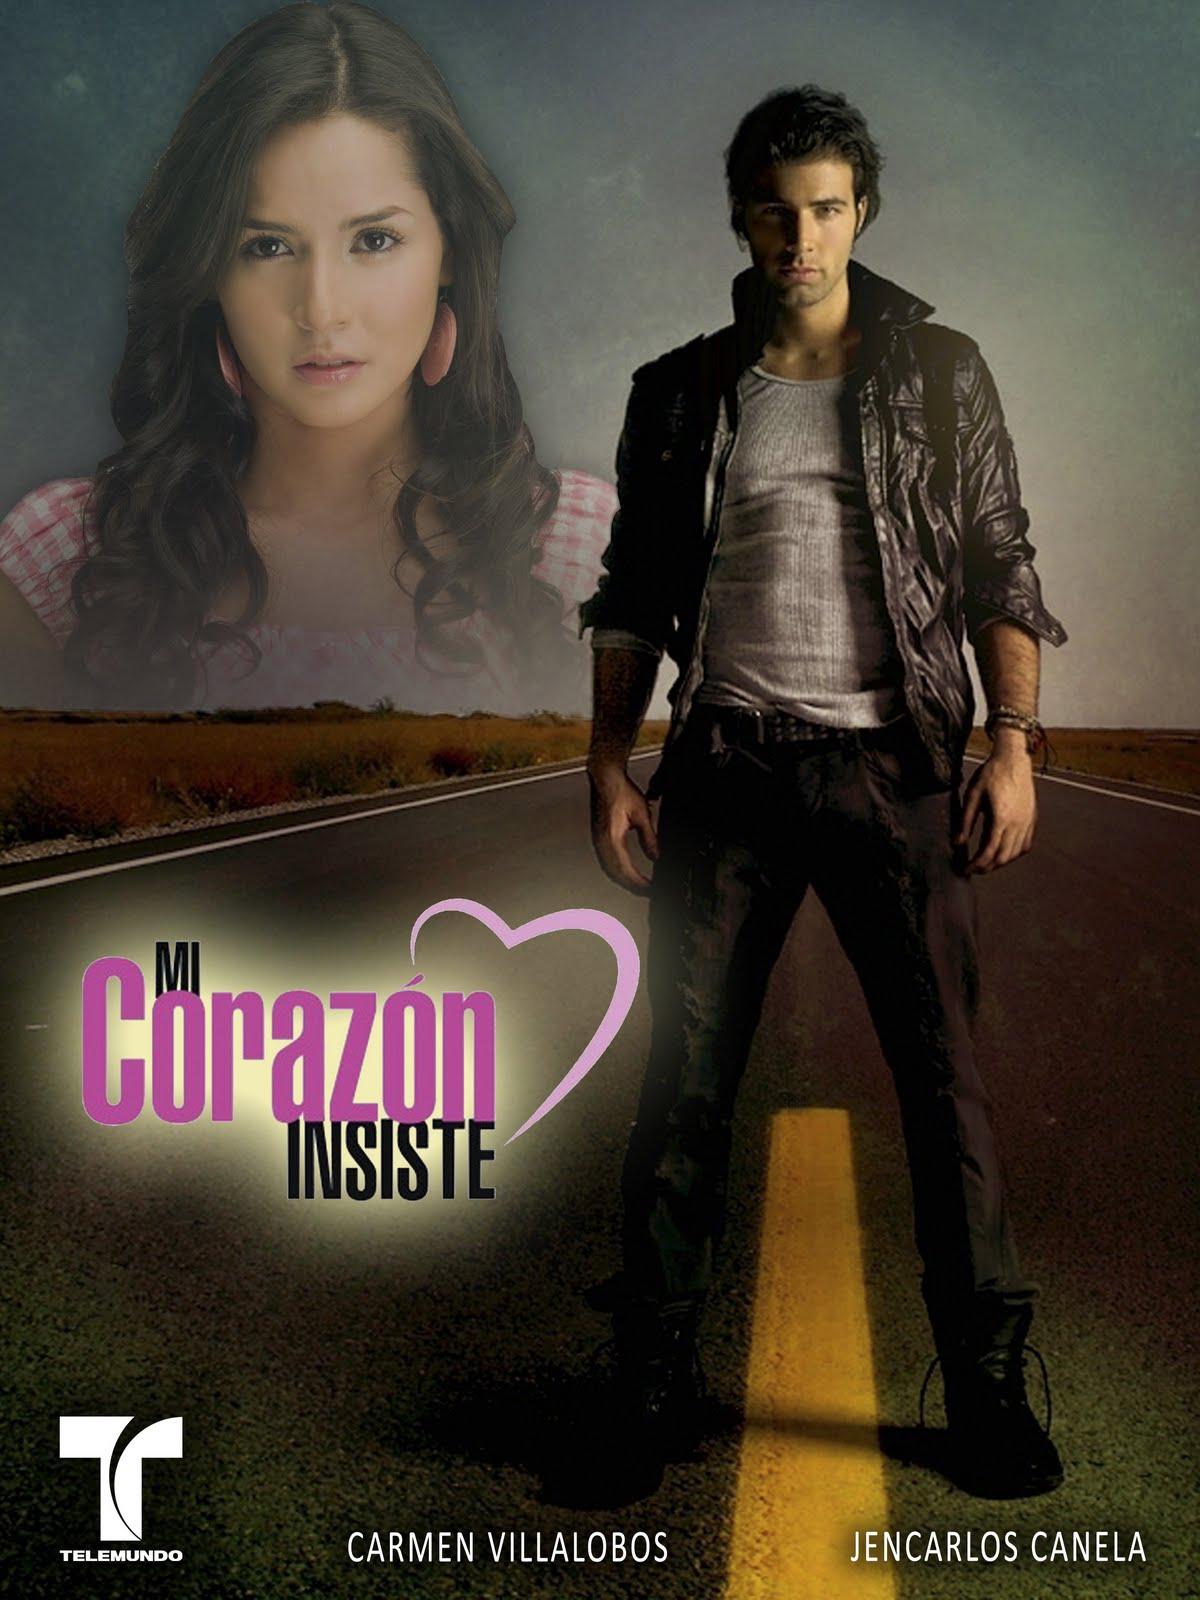 """Poster """"Mi Corazón Insiste ... en Lola Volcan"""""""